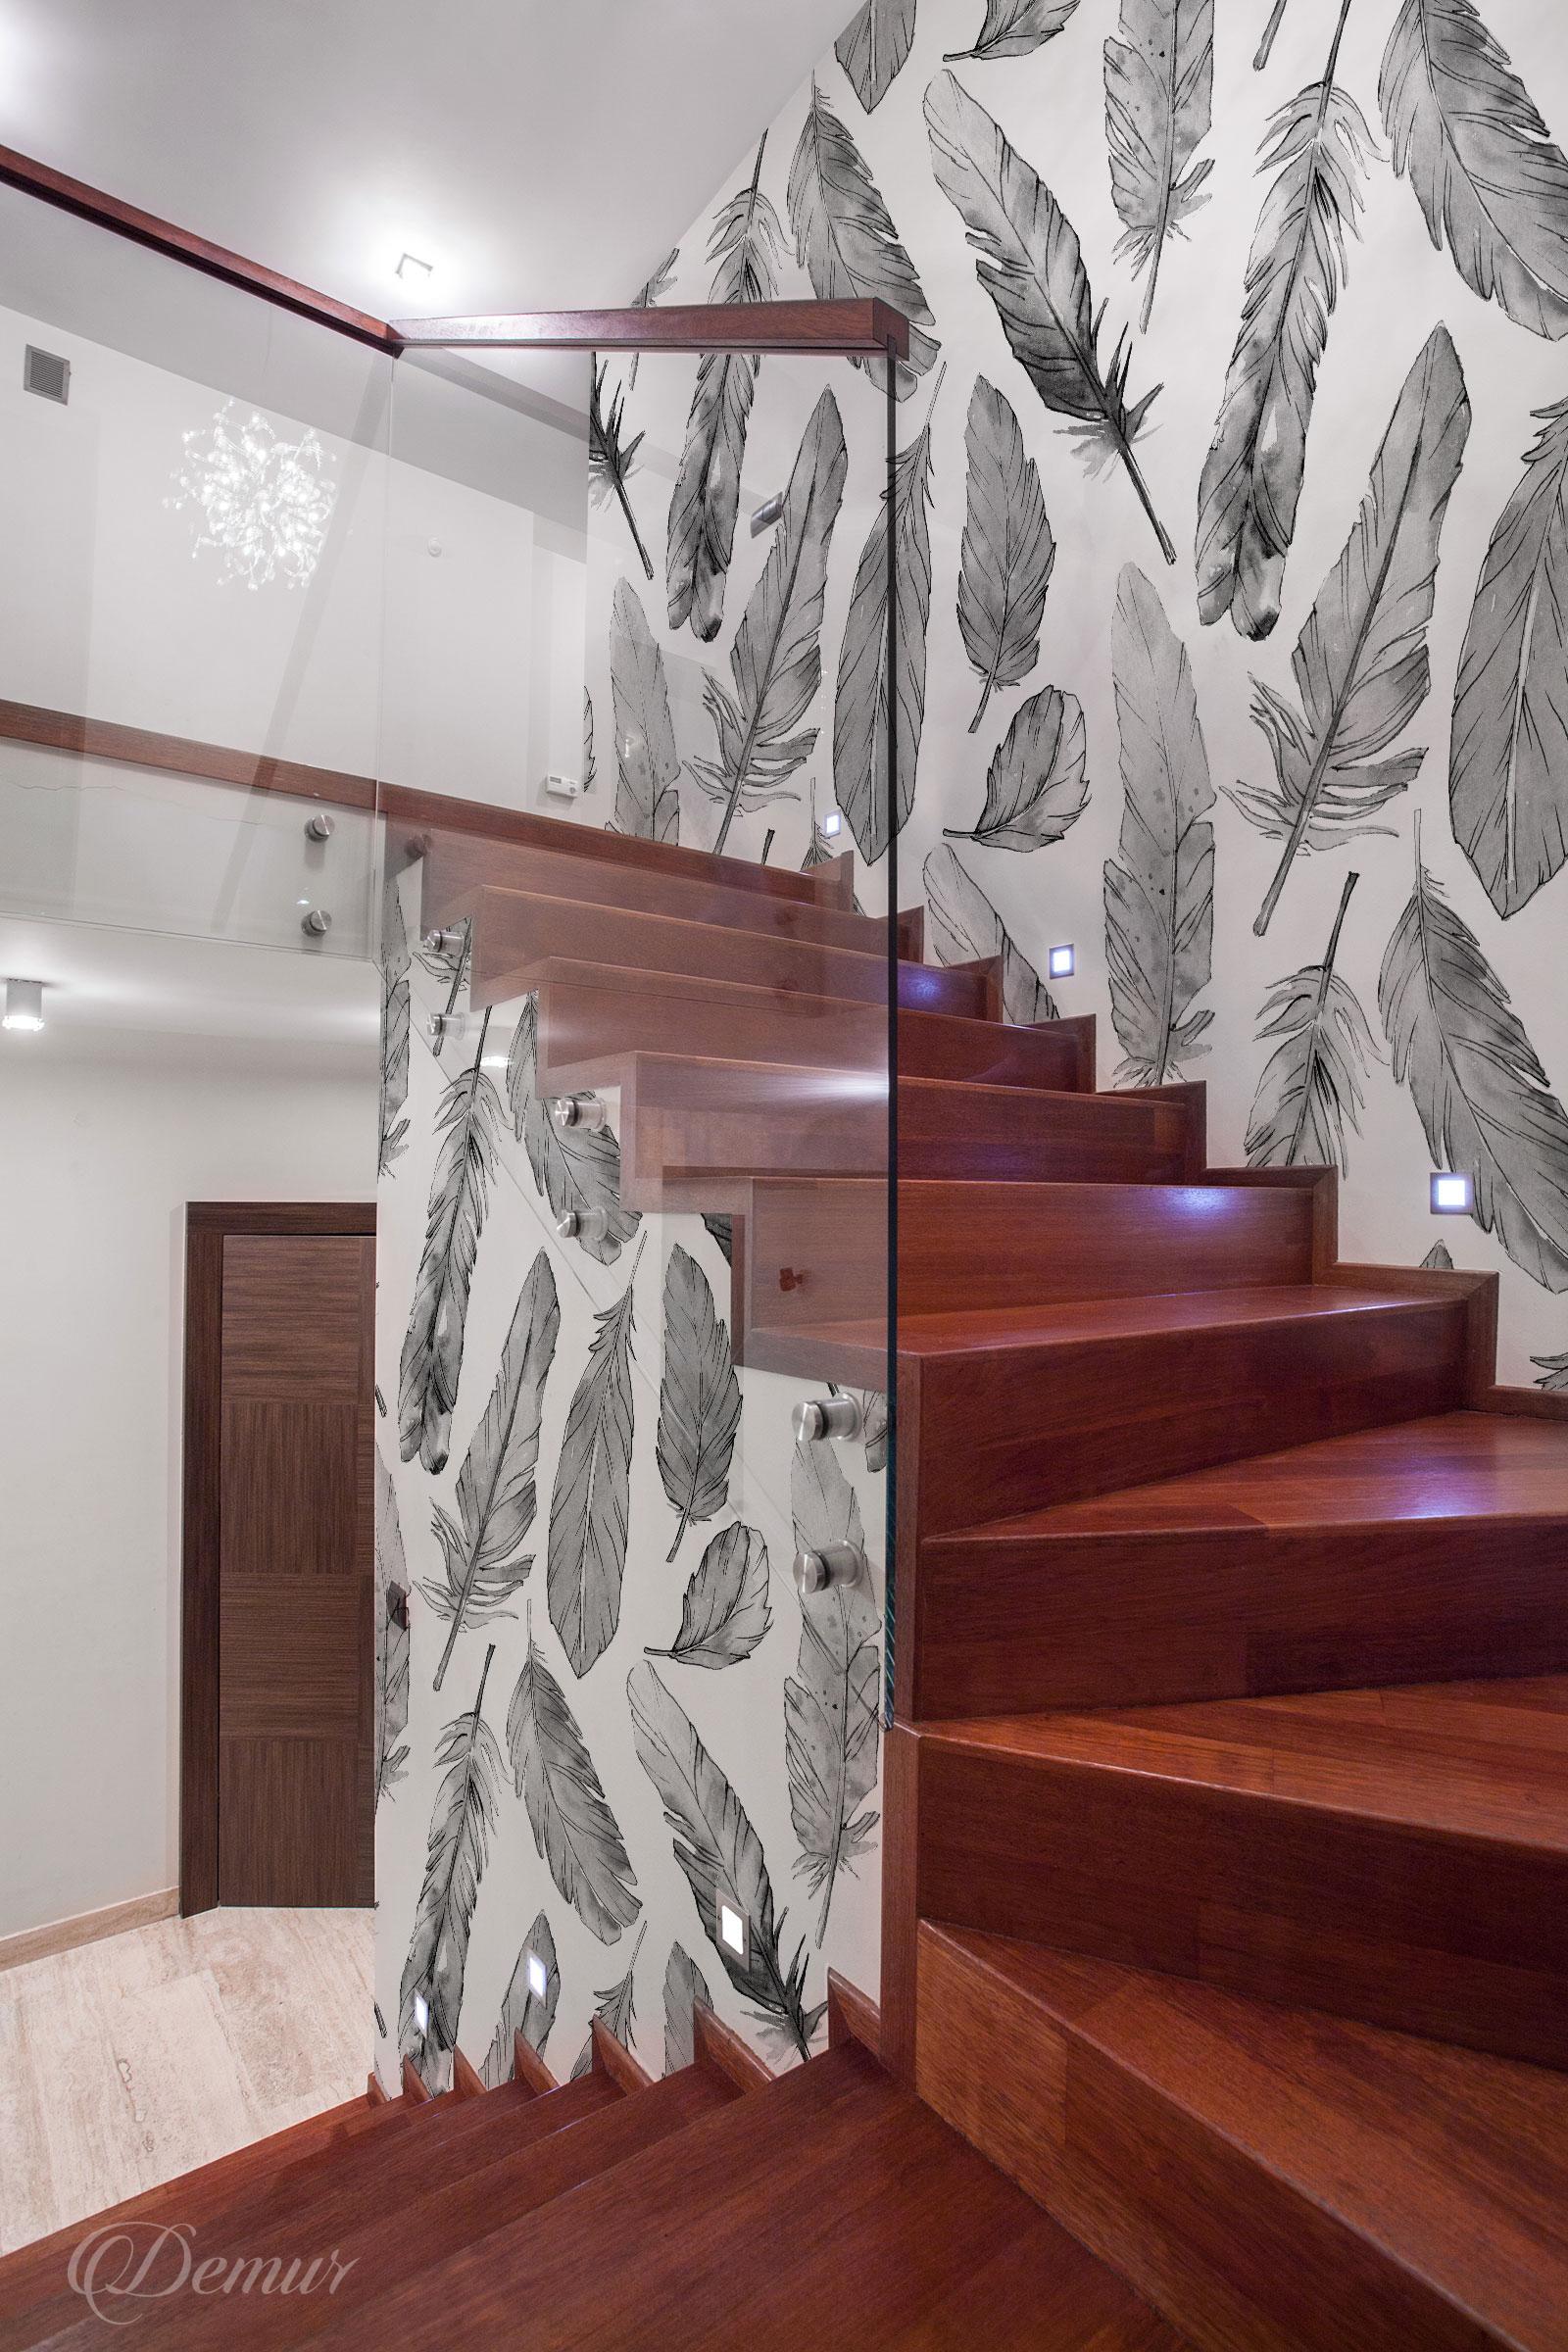 Fototapeta Pióra Boho - Pomysł na ścianę przy schodach - Demur